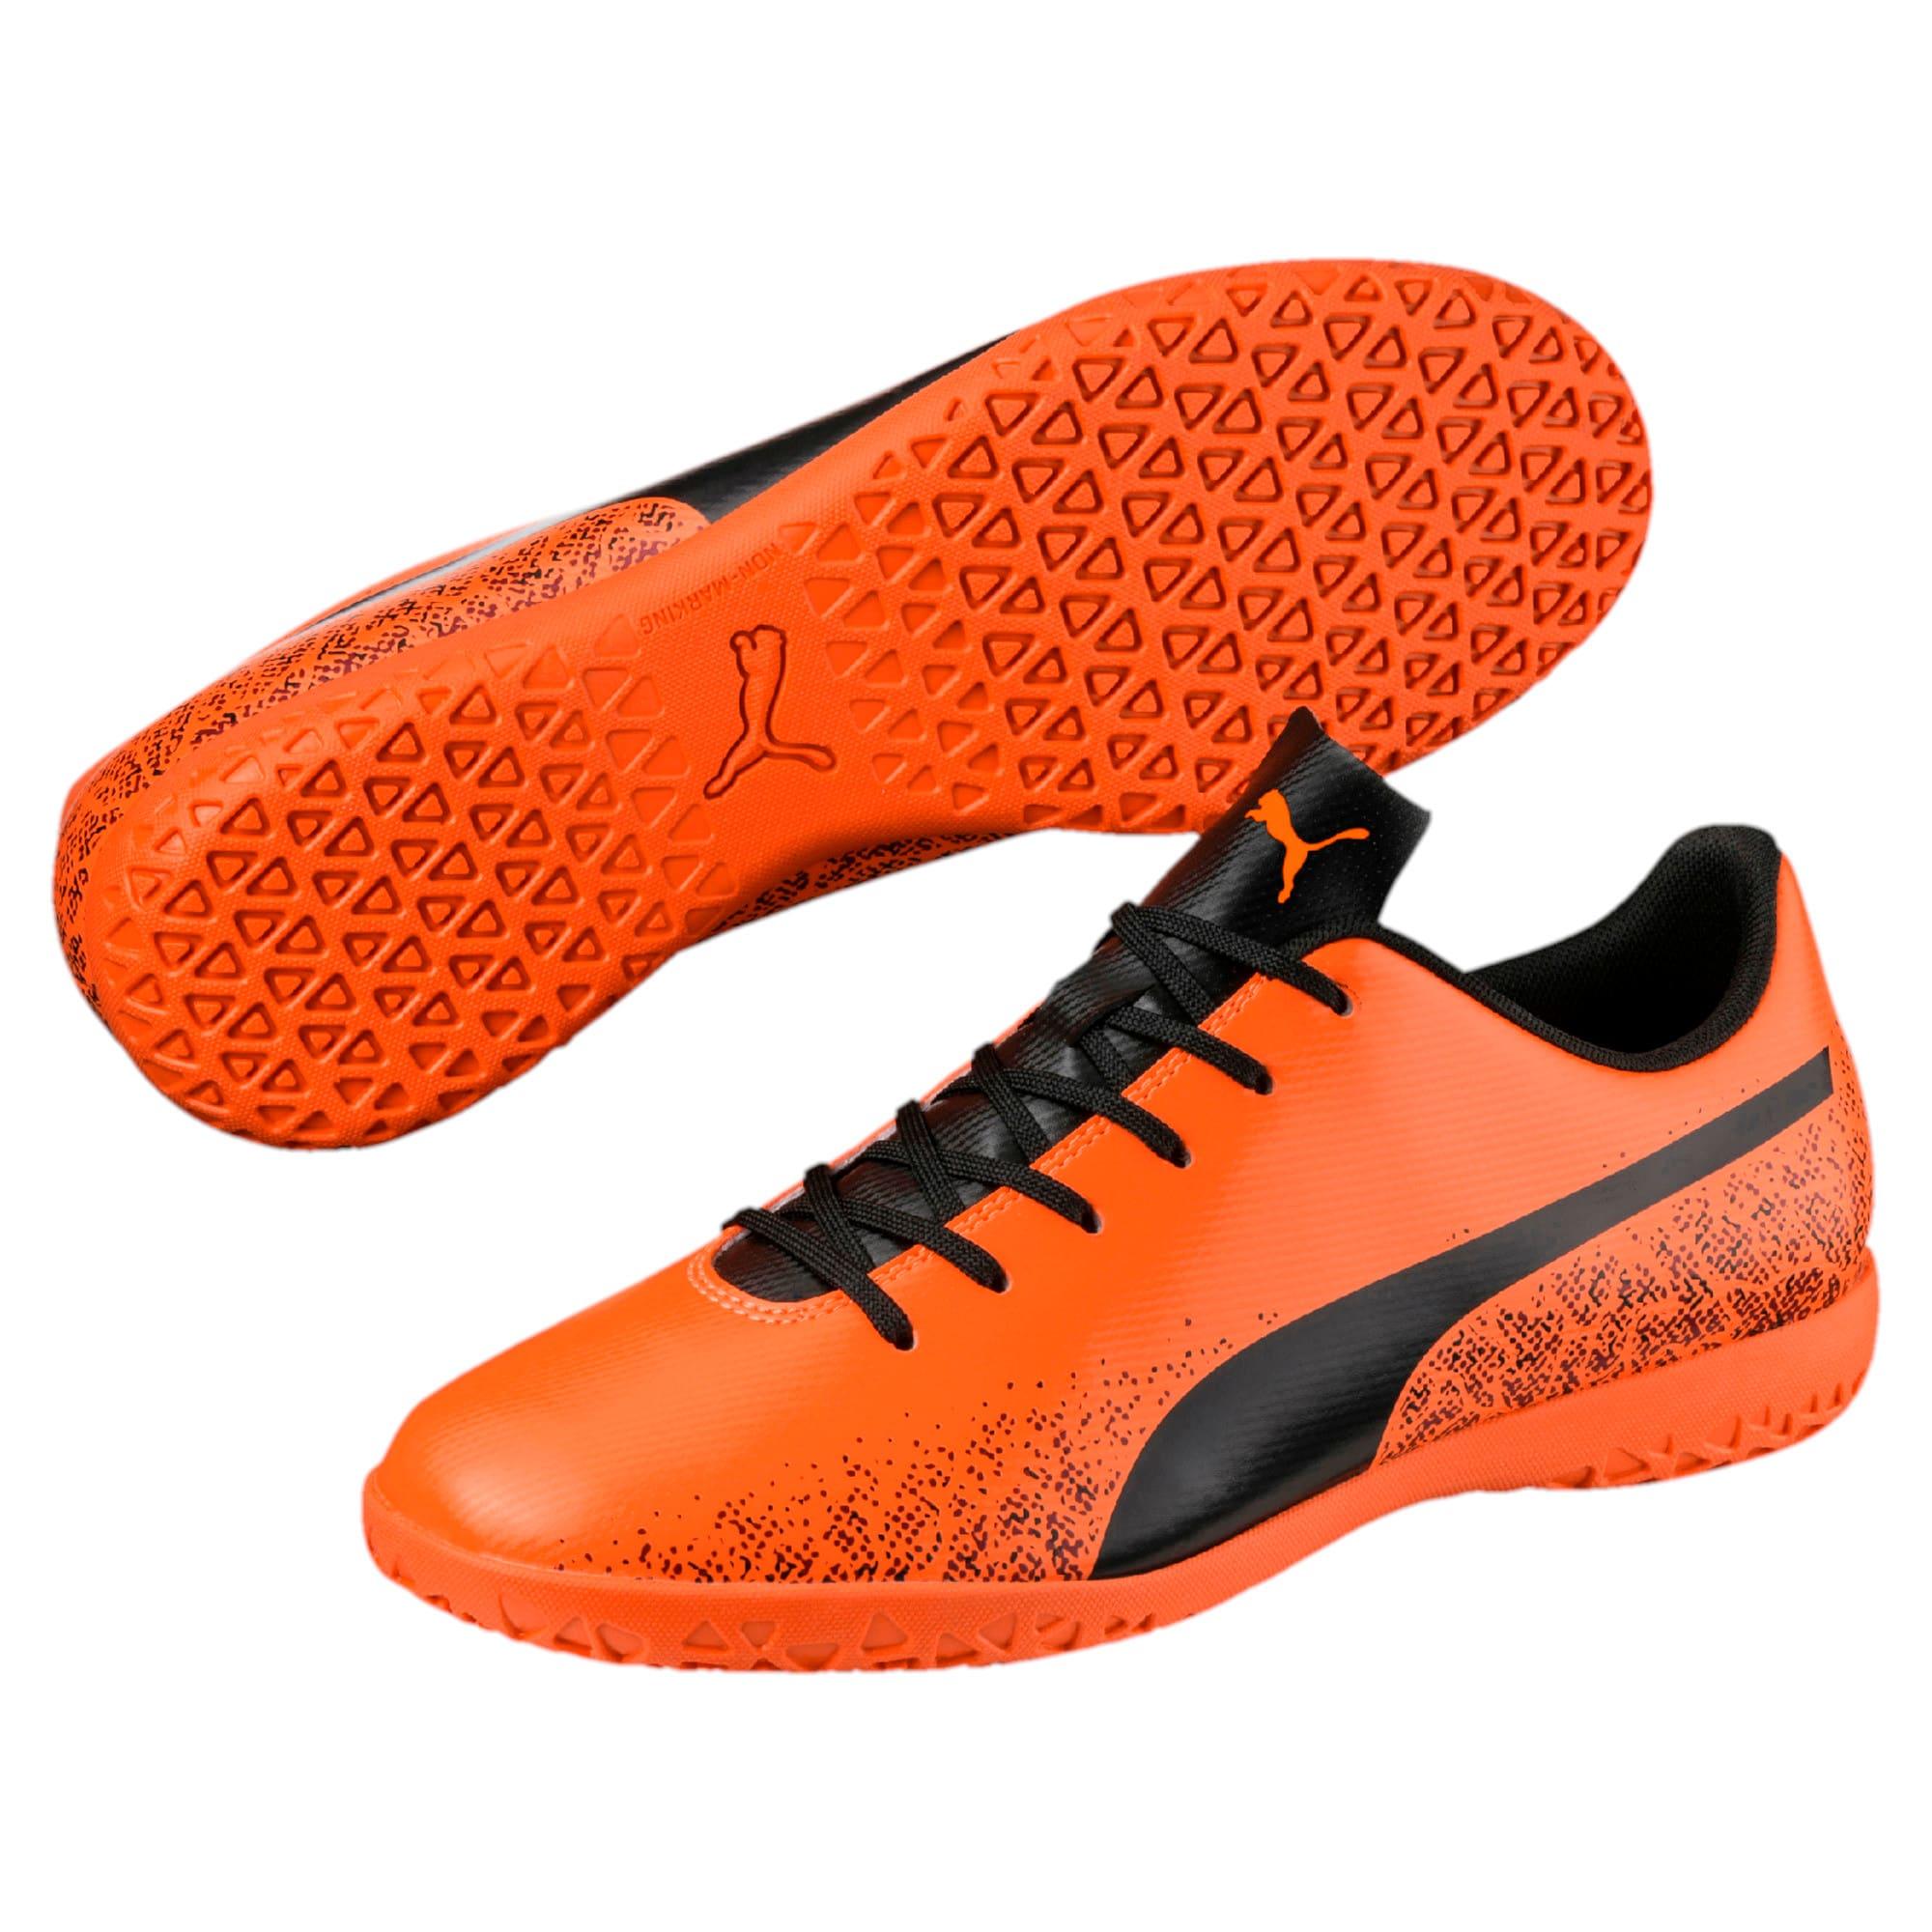 Thumbnail 6 of Truora IT Men's Indoor Training Shoes, Orange-Black-Cordovan, medium-IND